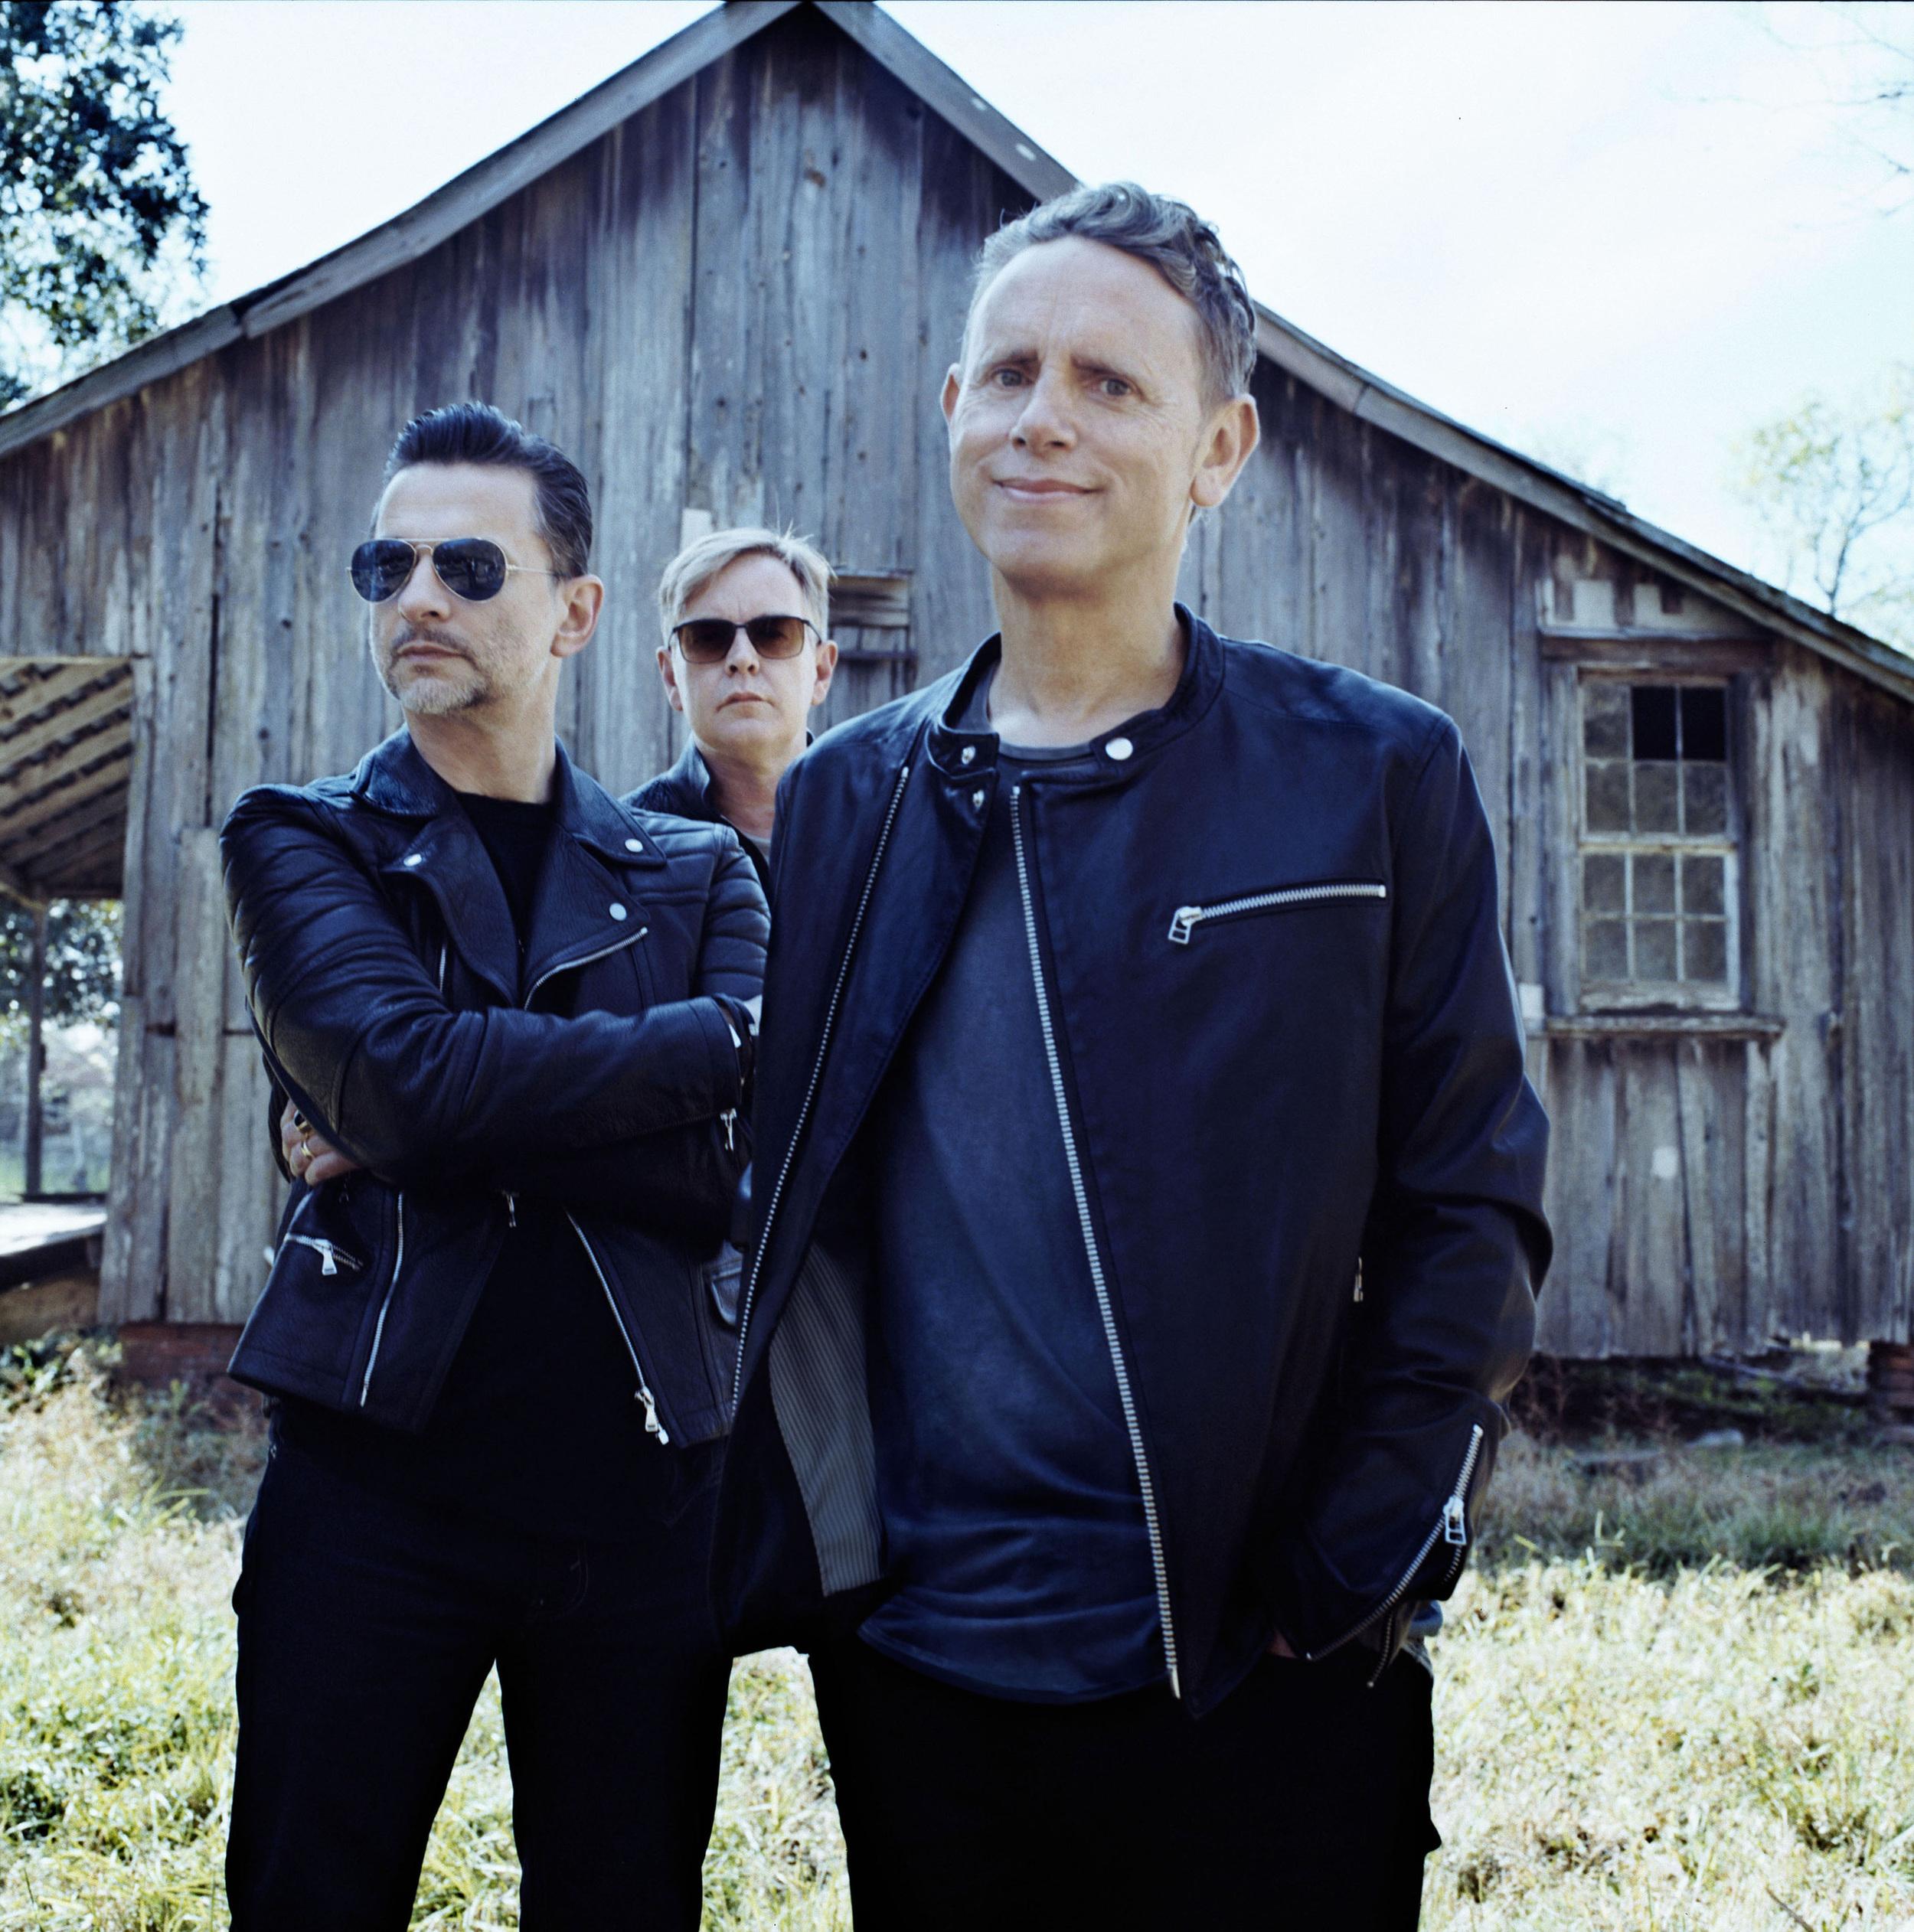 mh_DepecheMode_StillShot_TimothySaccenti_12_03.jpg